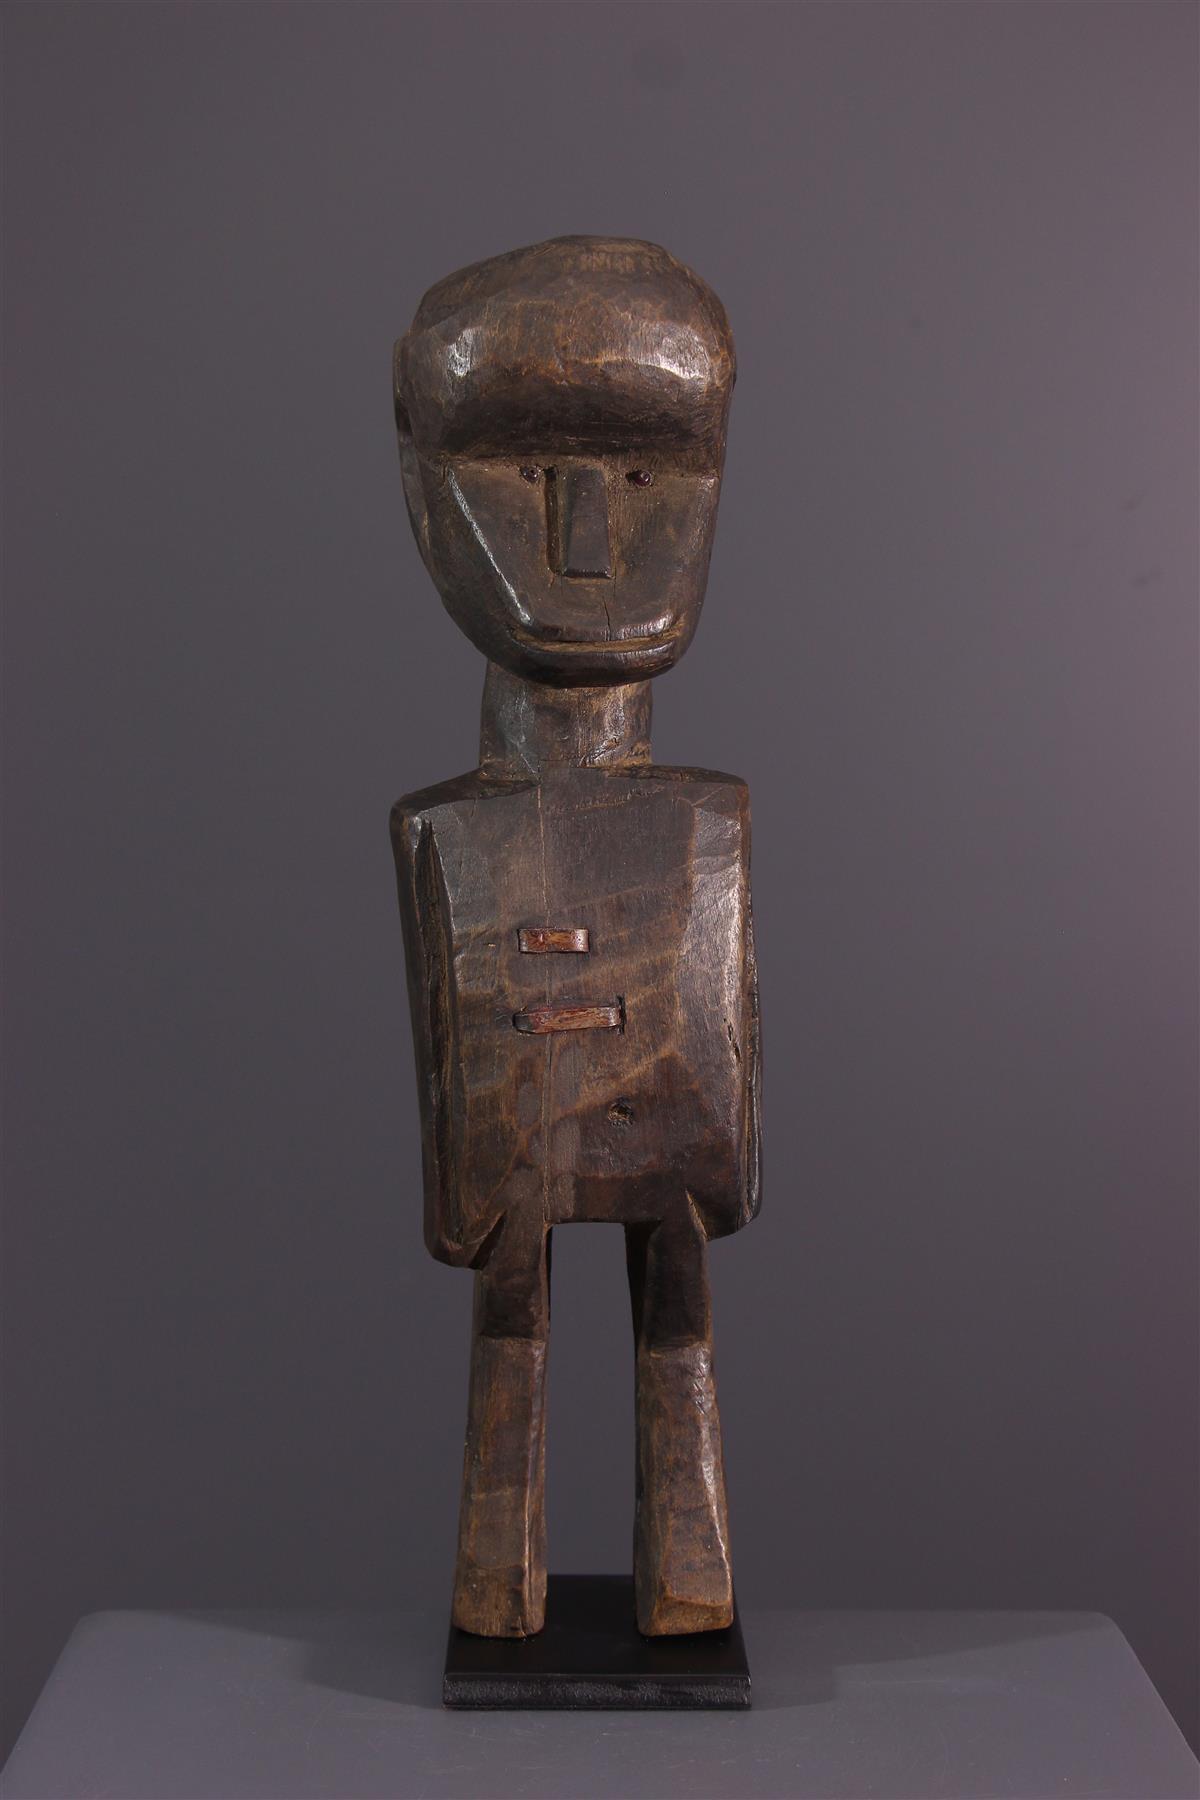 Zande figurines - Tribal art